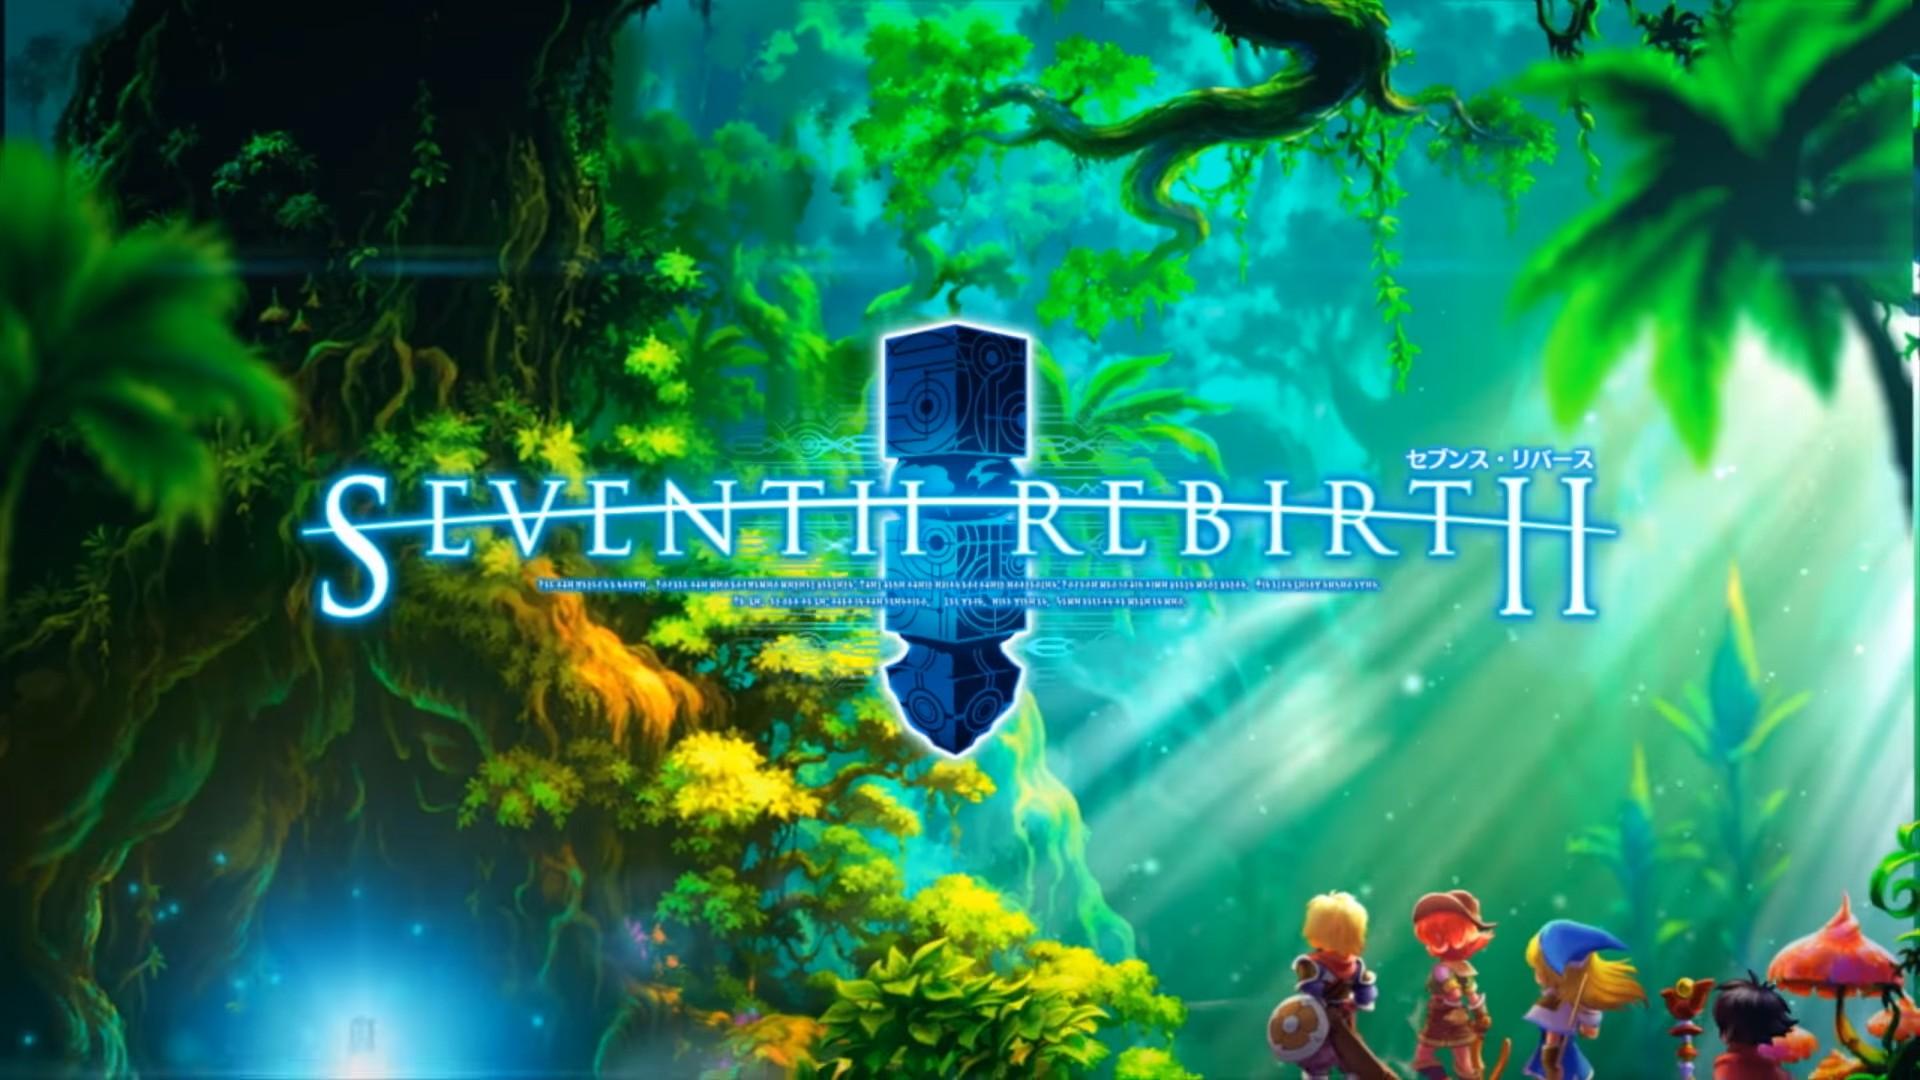 7th-rebirth_161020-0